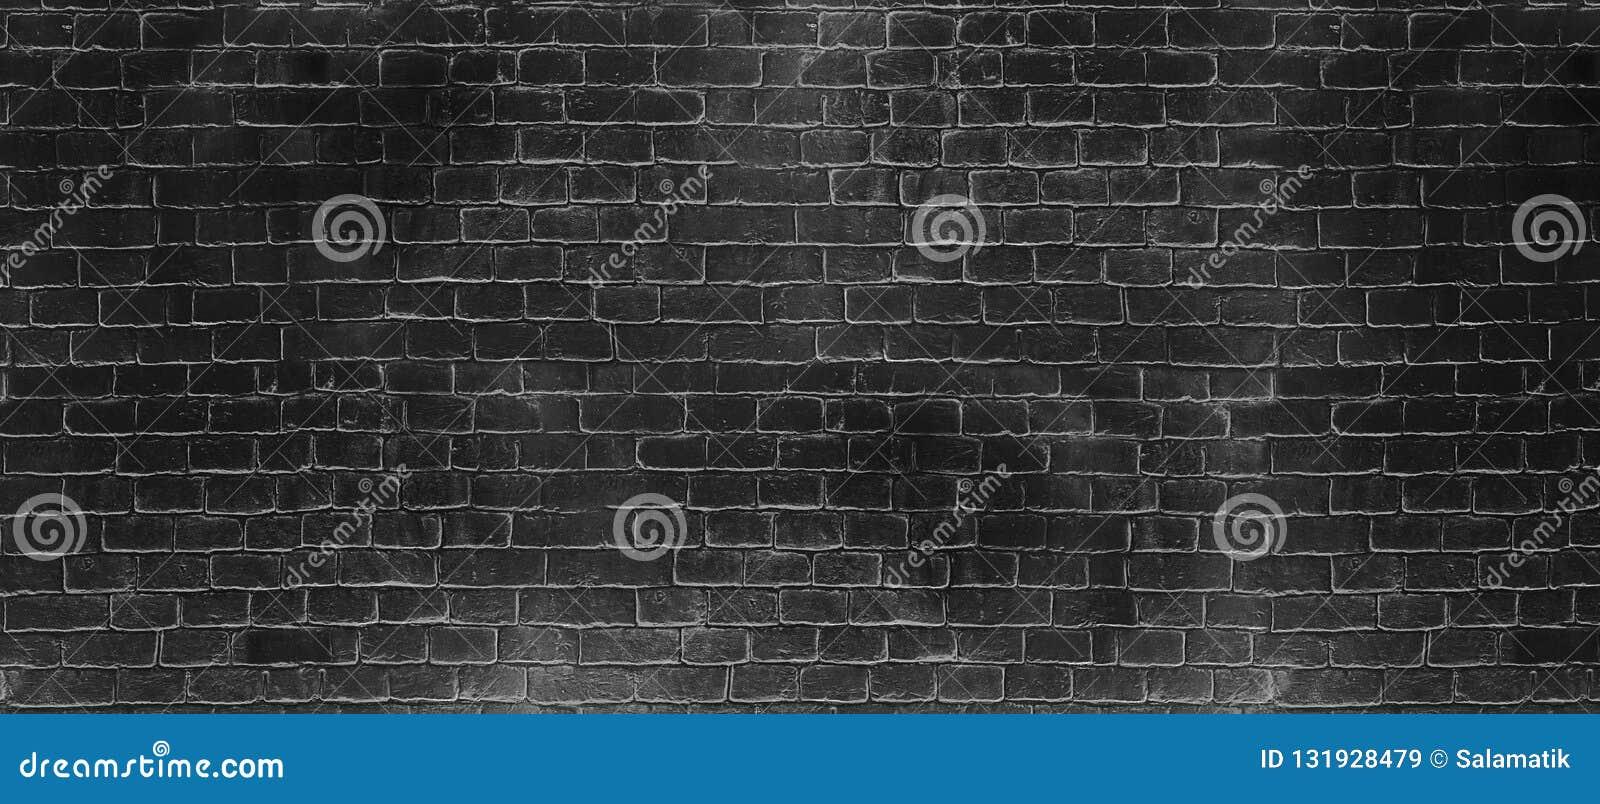 葡萄酒老深黑色洗涤砖墙纹理 您的文本或图象的全景背景